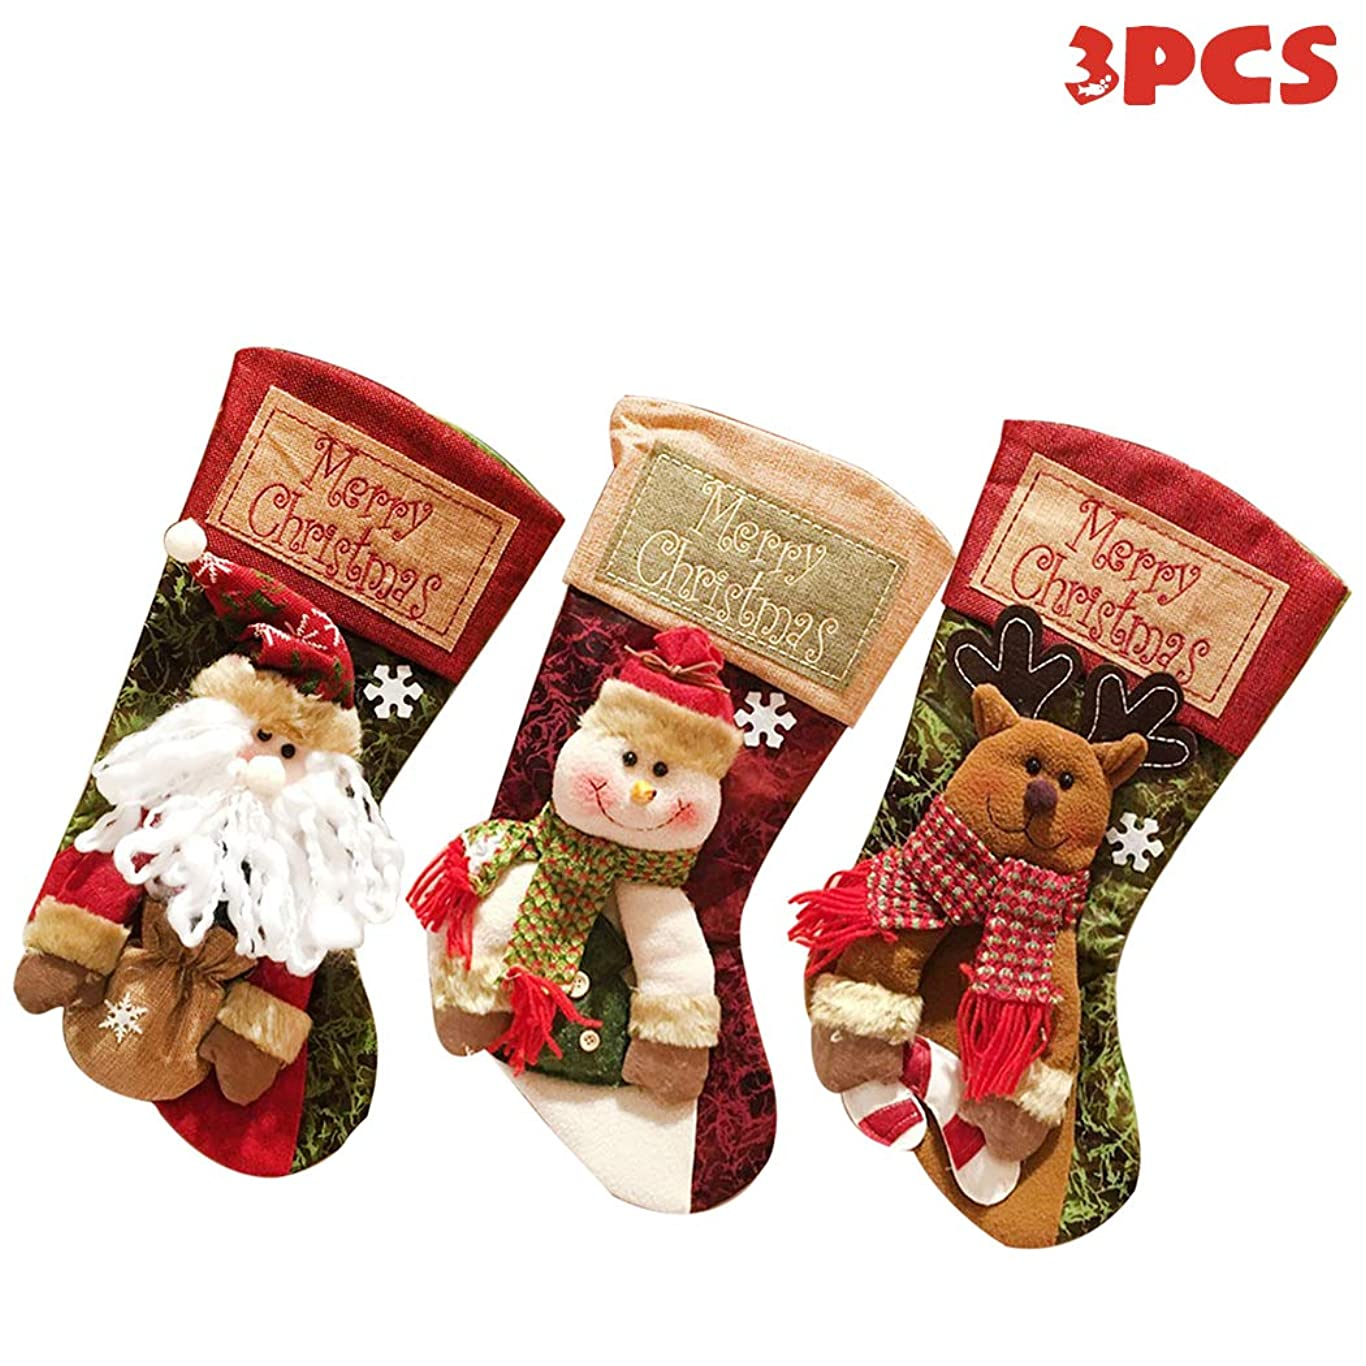 アクセストレースコールドMIOIM クリスマスソックス 3セット クリスマスツリー飾り ギフトバッグ ギフト袋 壁掛け 装飾品 お菓子入り クリスマスオーナメント 置物 クリスマス袋 柔らかい